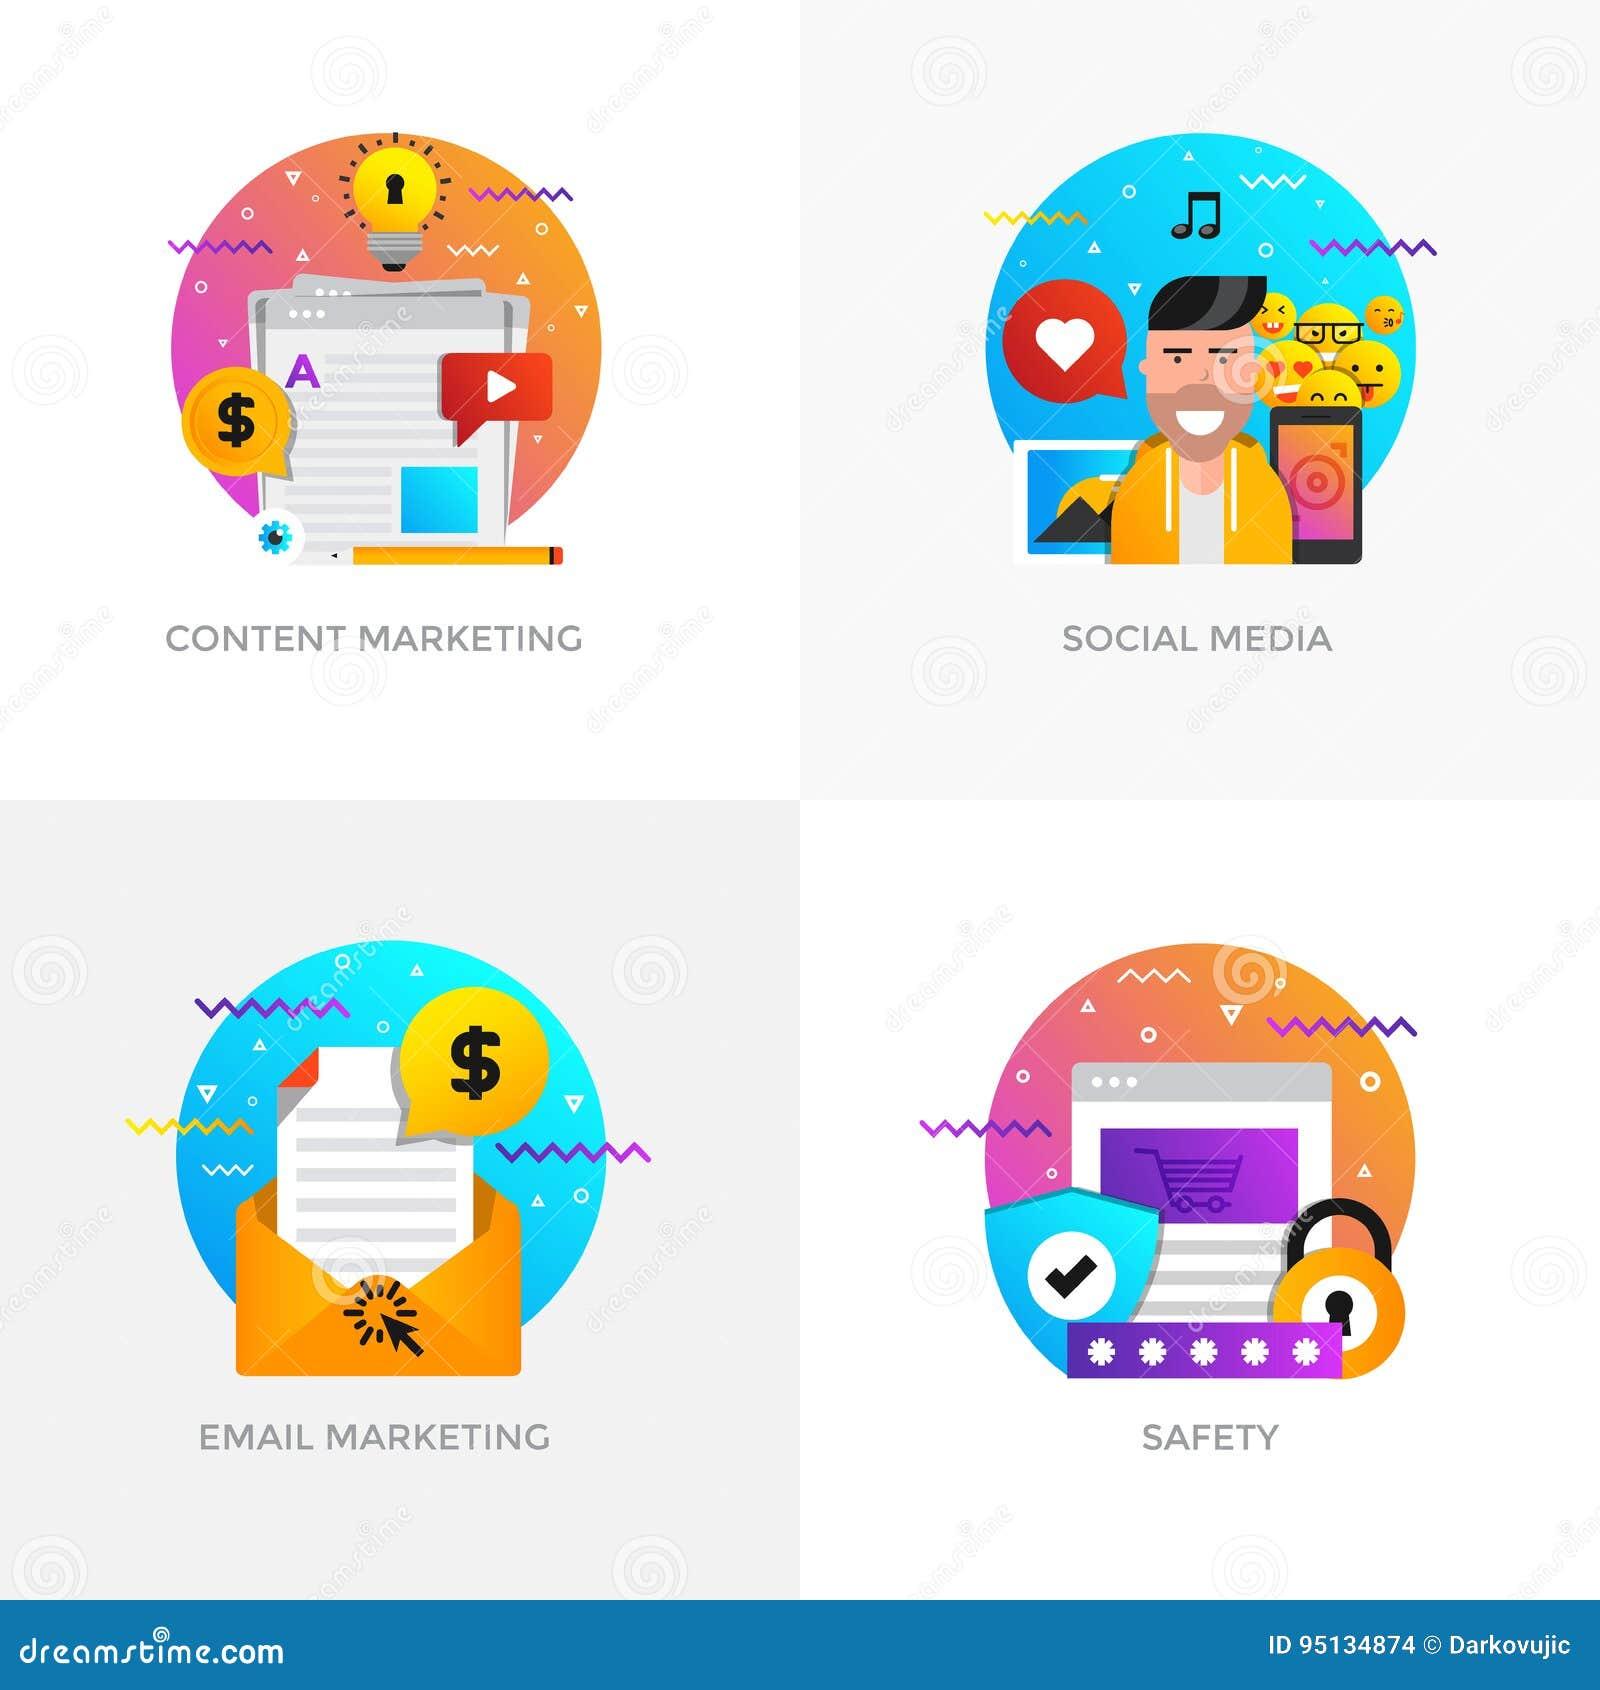 Οριζόντια σχεδιασμένες έννοιες - μάρκετινγκ περιεχομένου, κοινωνικά μέσα, ηλεκτρονικό ταχυδρομείο